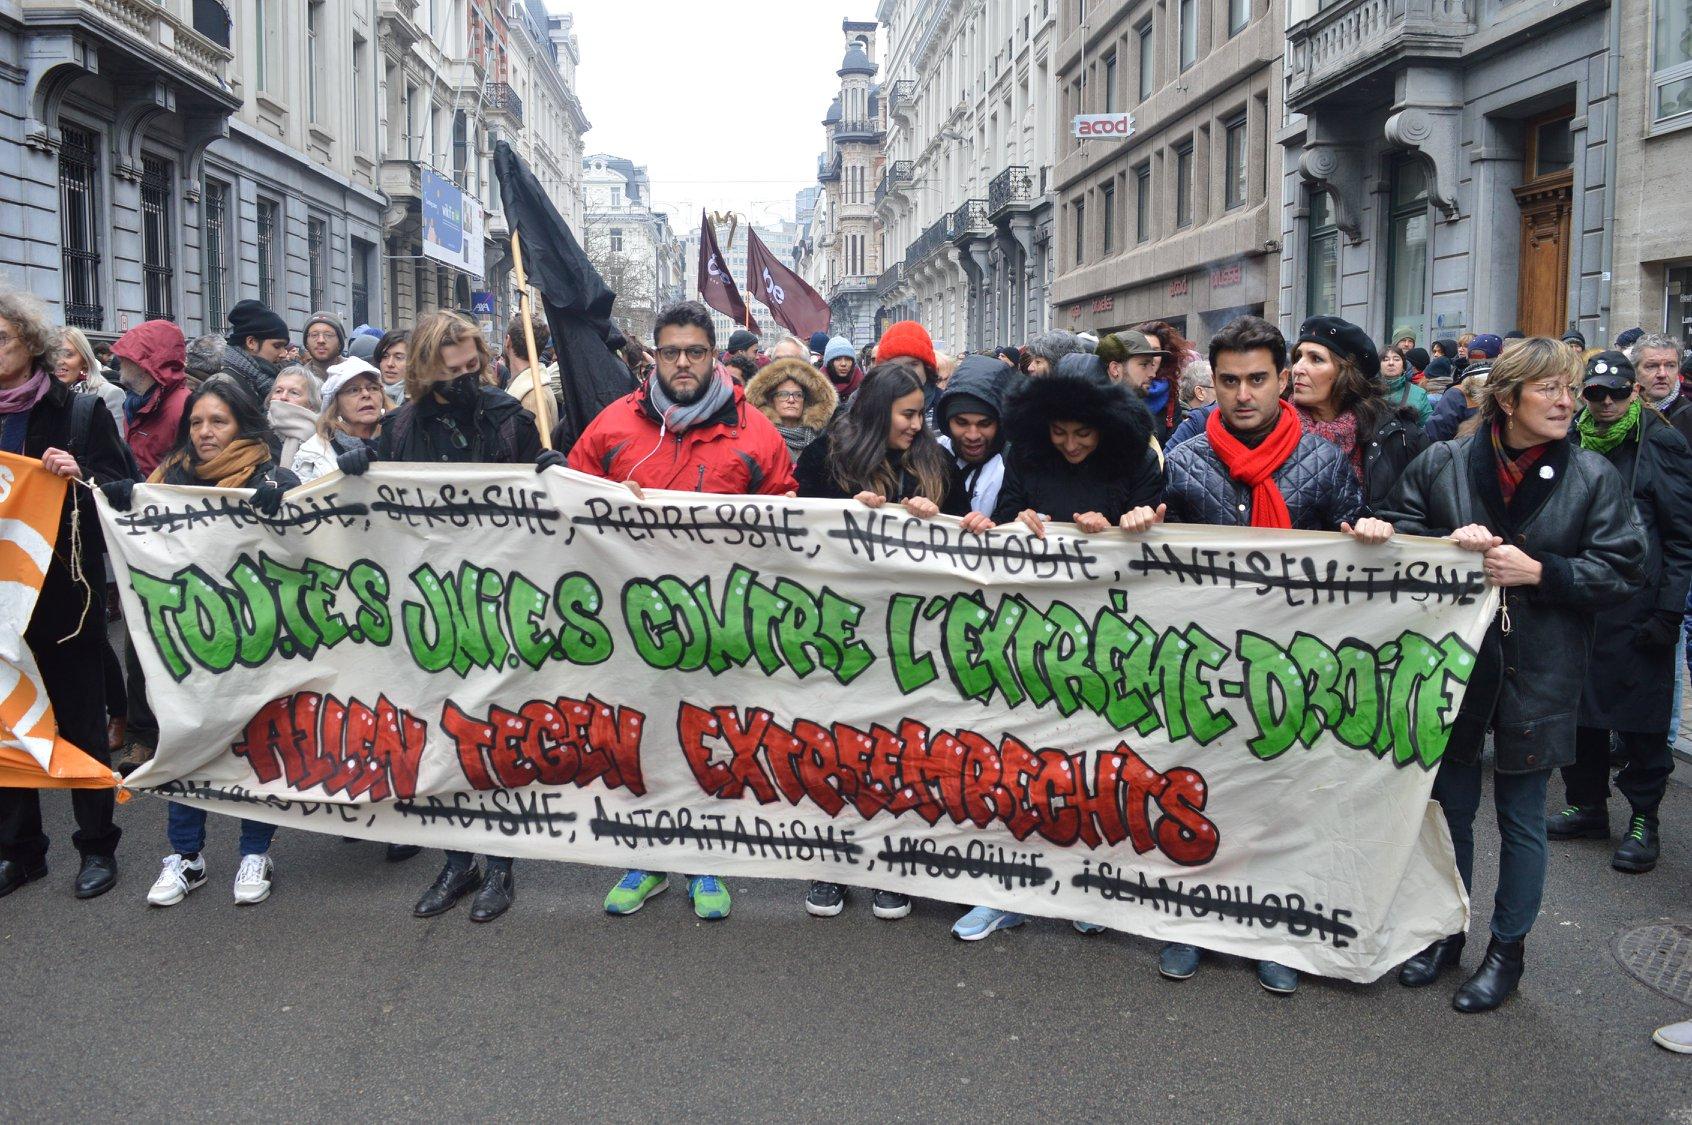 - Le fascisme, le racisme et la politique de misère n'ont pas de place en #Belgique 🇧🇪